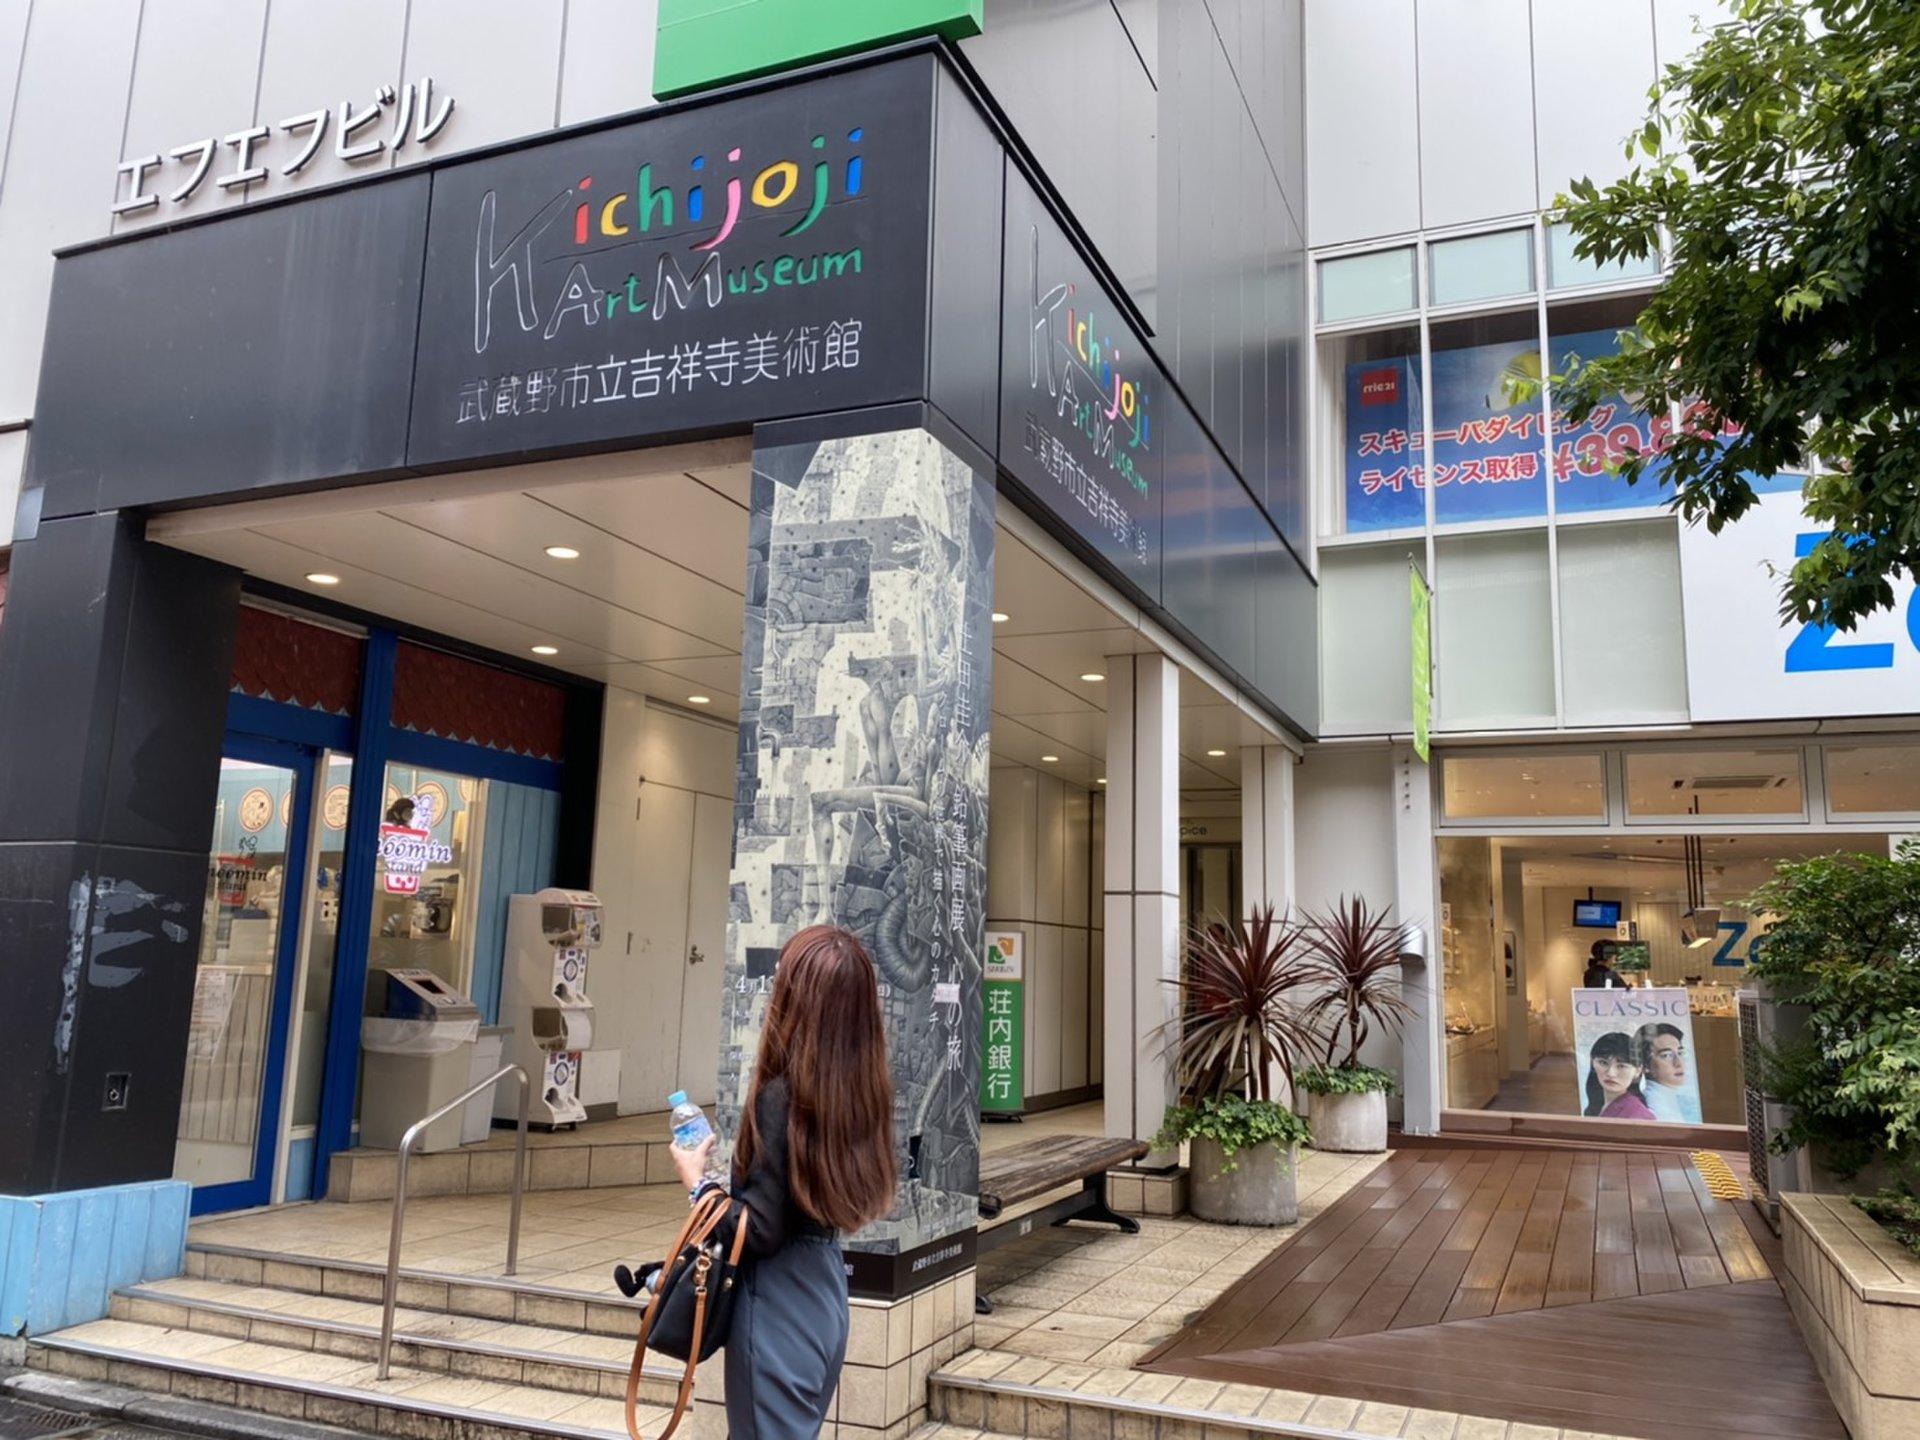 吉祥寺で雨の日デート♡ランチとカフェを楽しみながら梅雨対策とコロナ対策を徹底しよう!